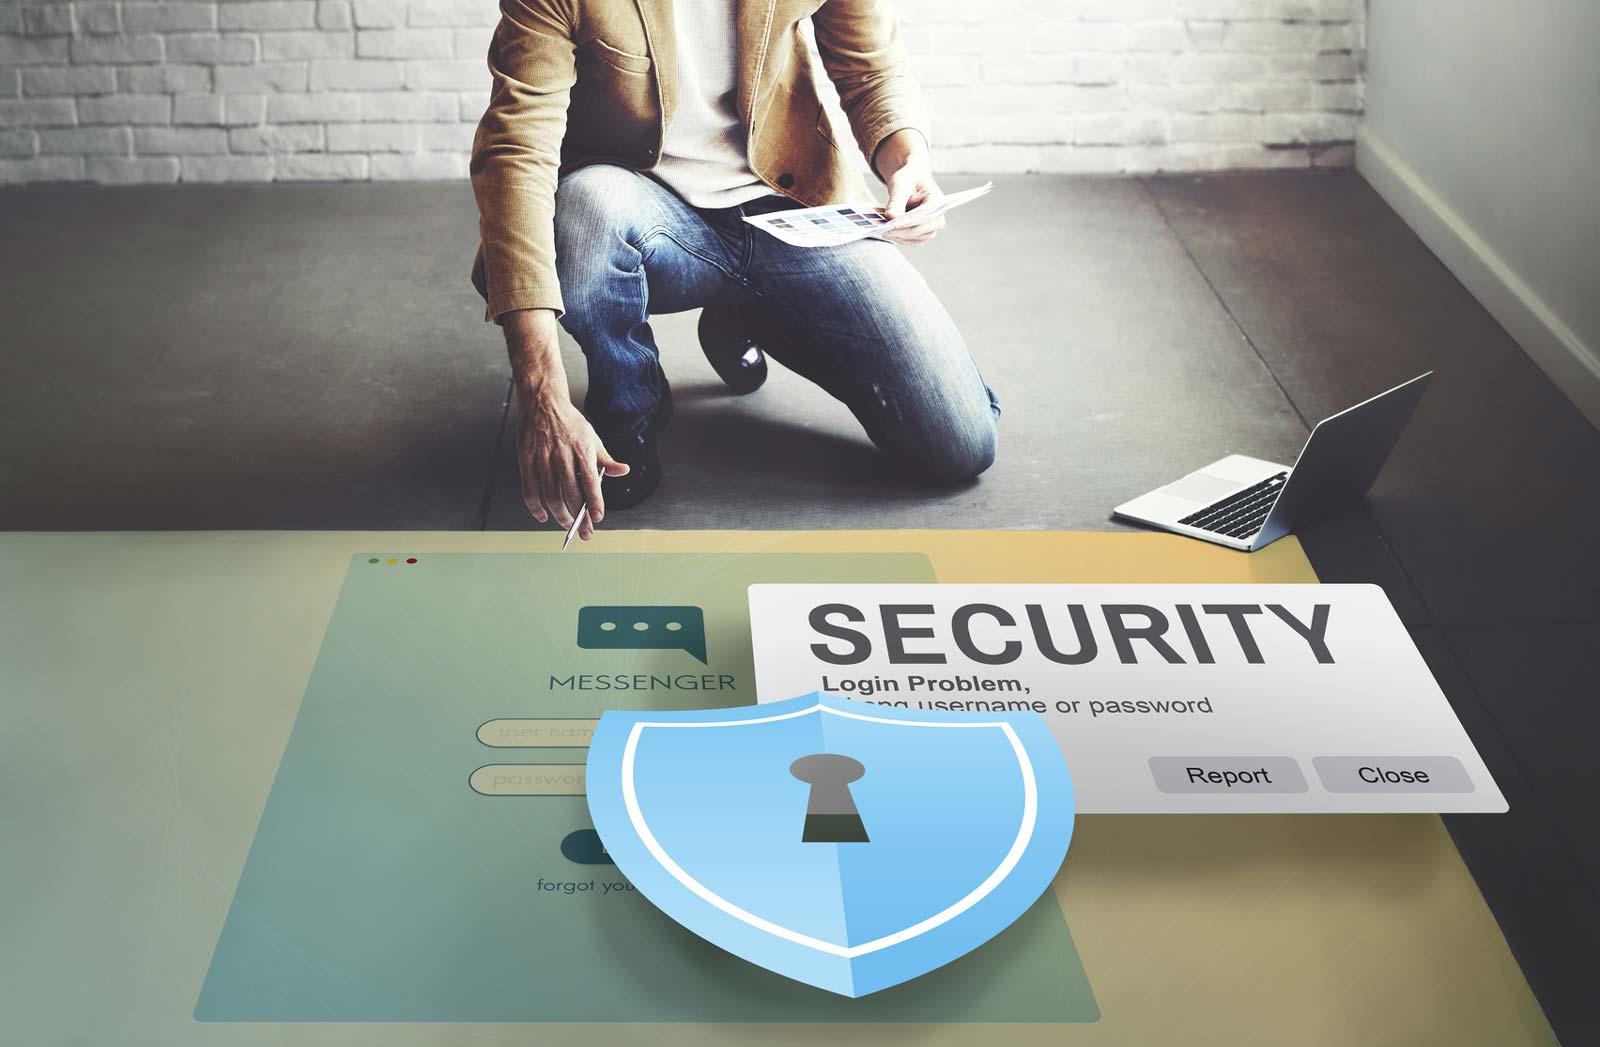 Triades Datenschutz Datensicherheit